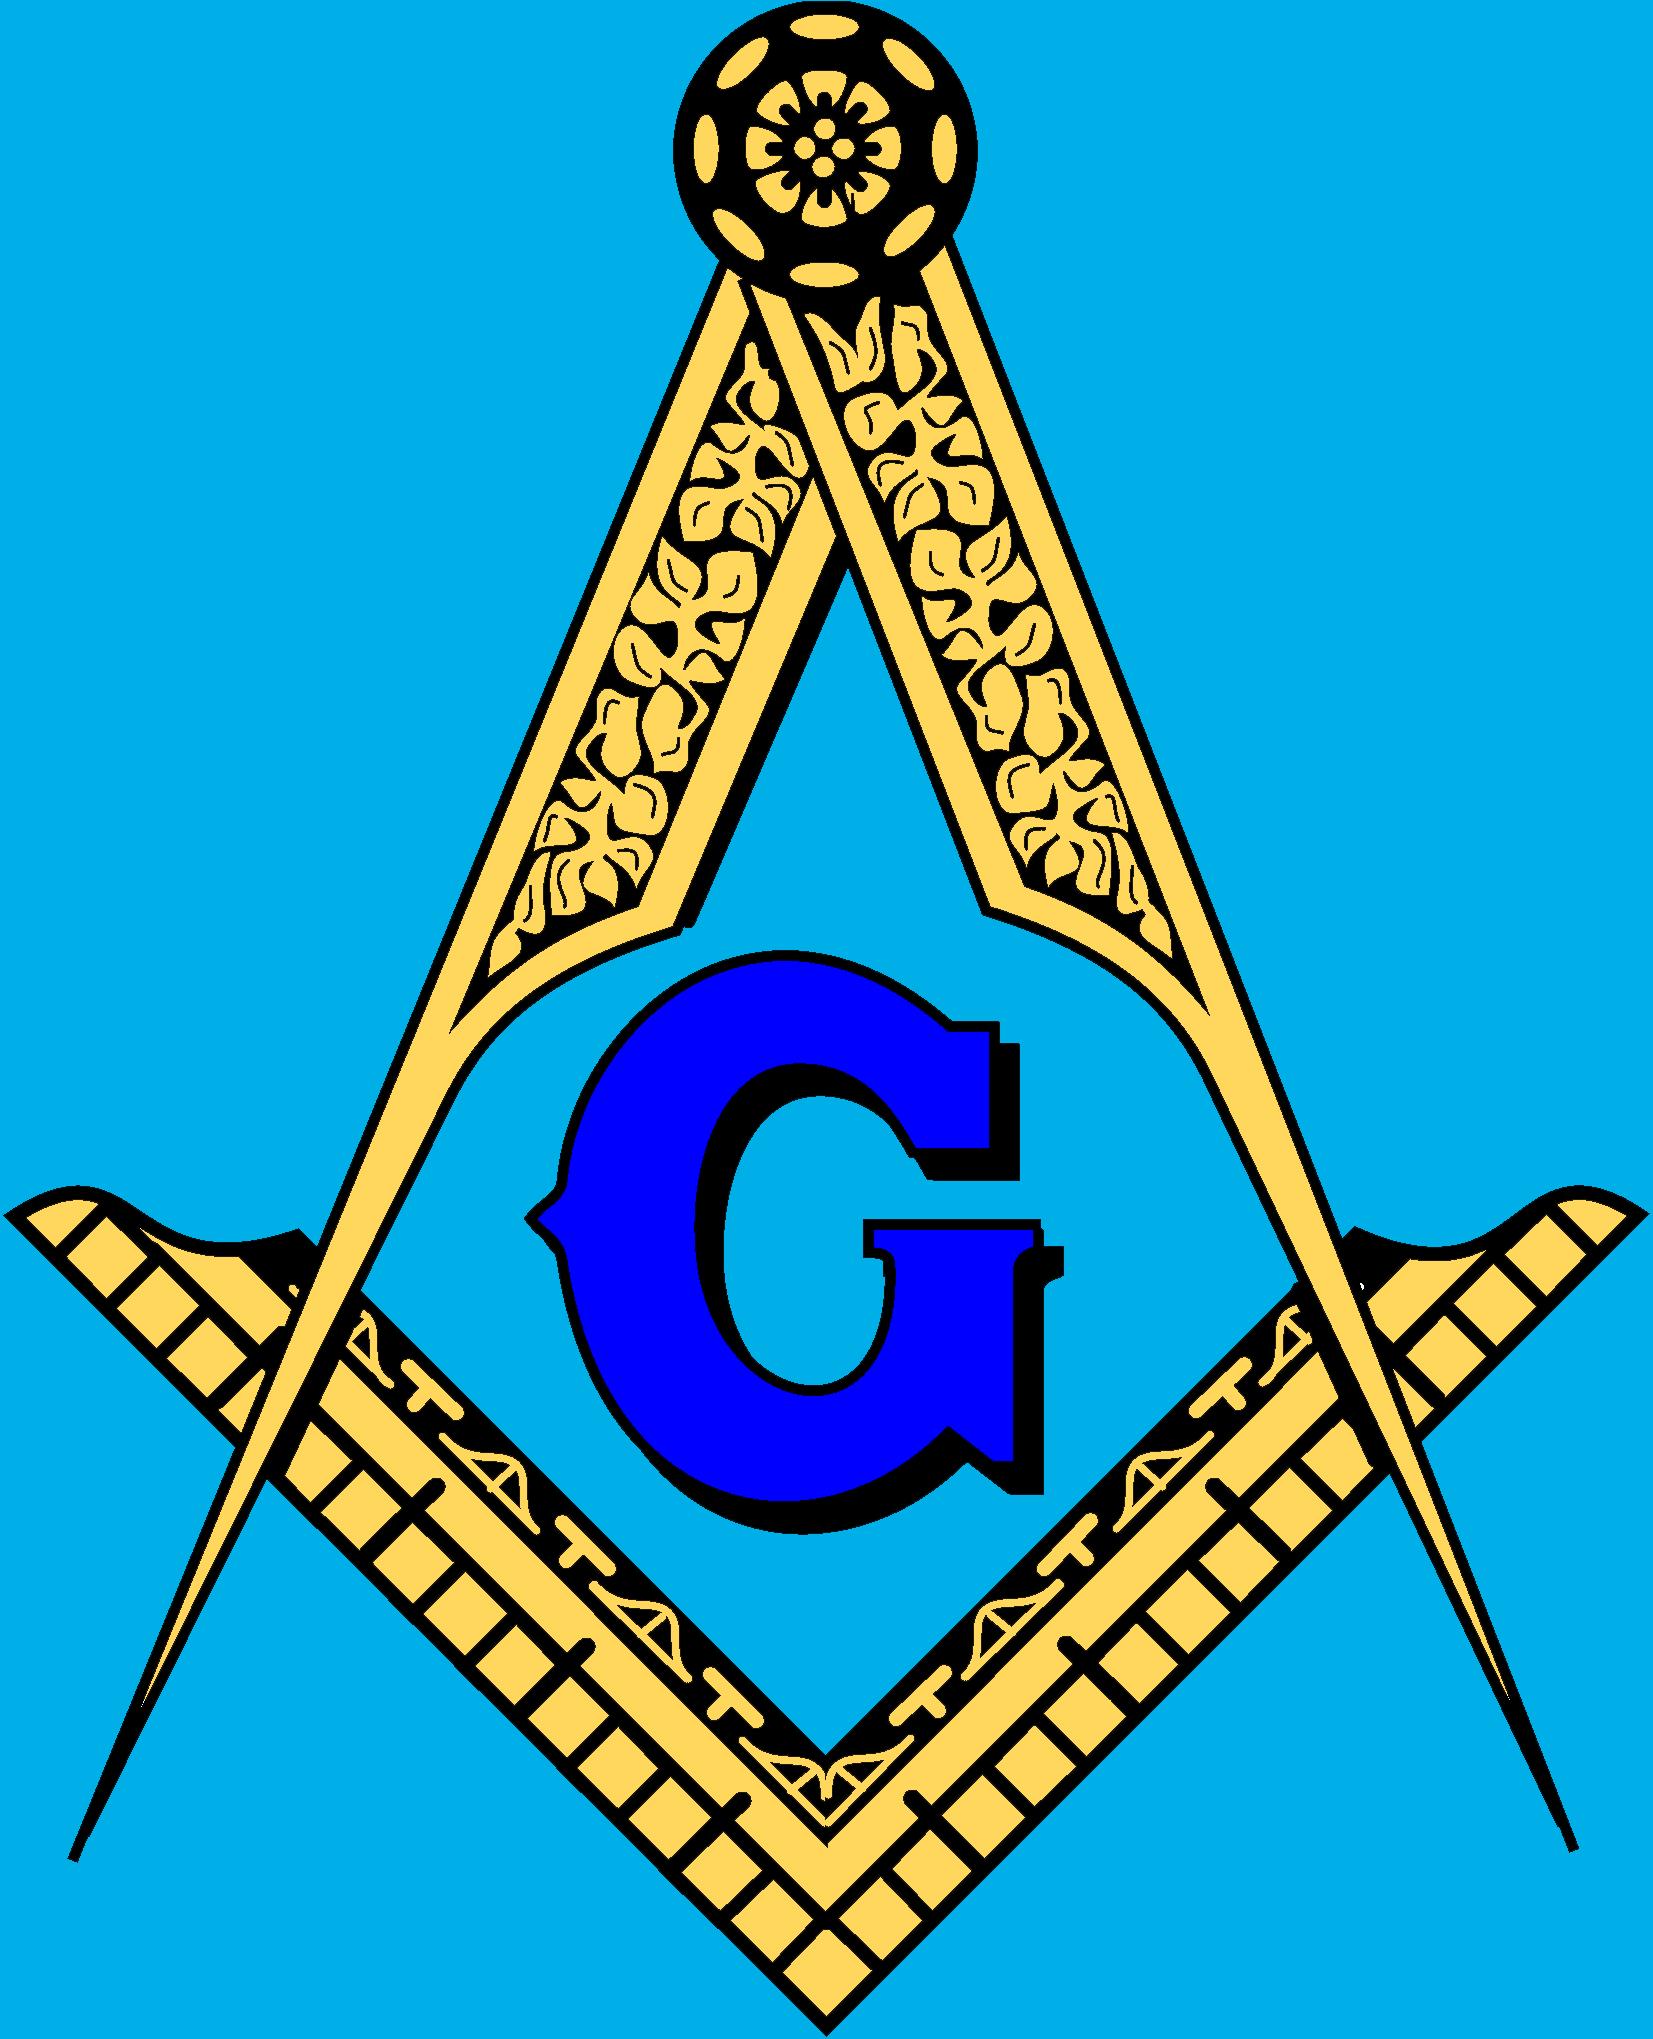 Column clipart masonic. Logo brandedlogos net pinterest